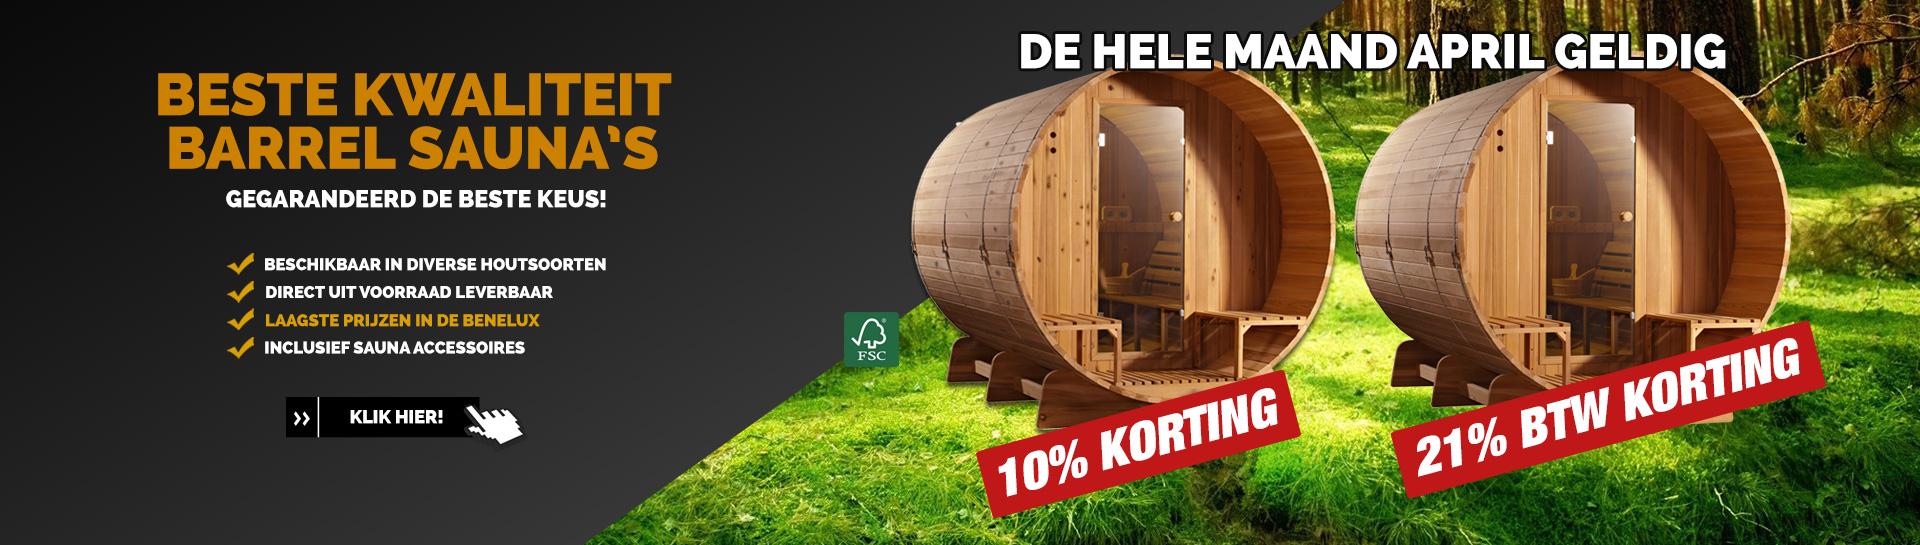 Barrel sauna April actie